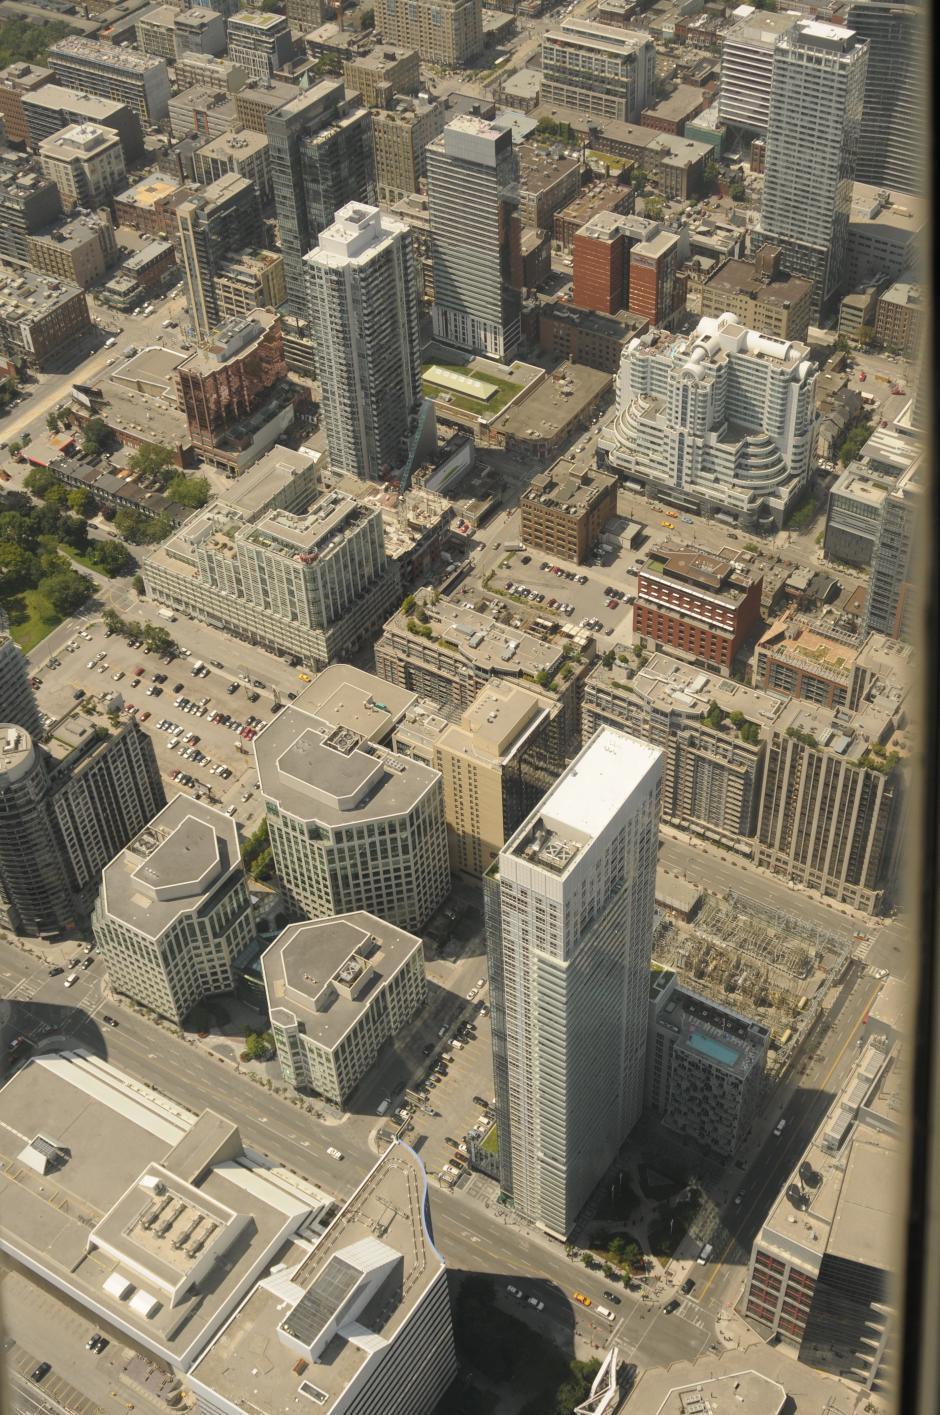 La ciudad de Toronto cuenta con muchos edificios enormes, utilizados para negocios o vivienda.(Foto: Pedro Pablo Mijangos/Soy502)